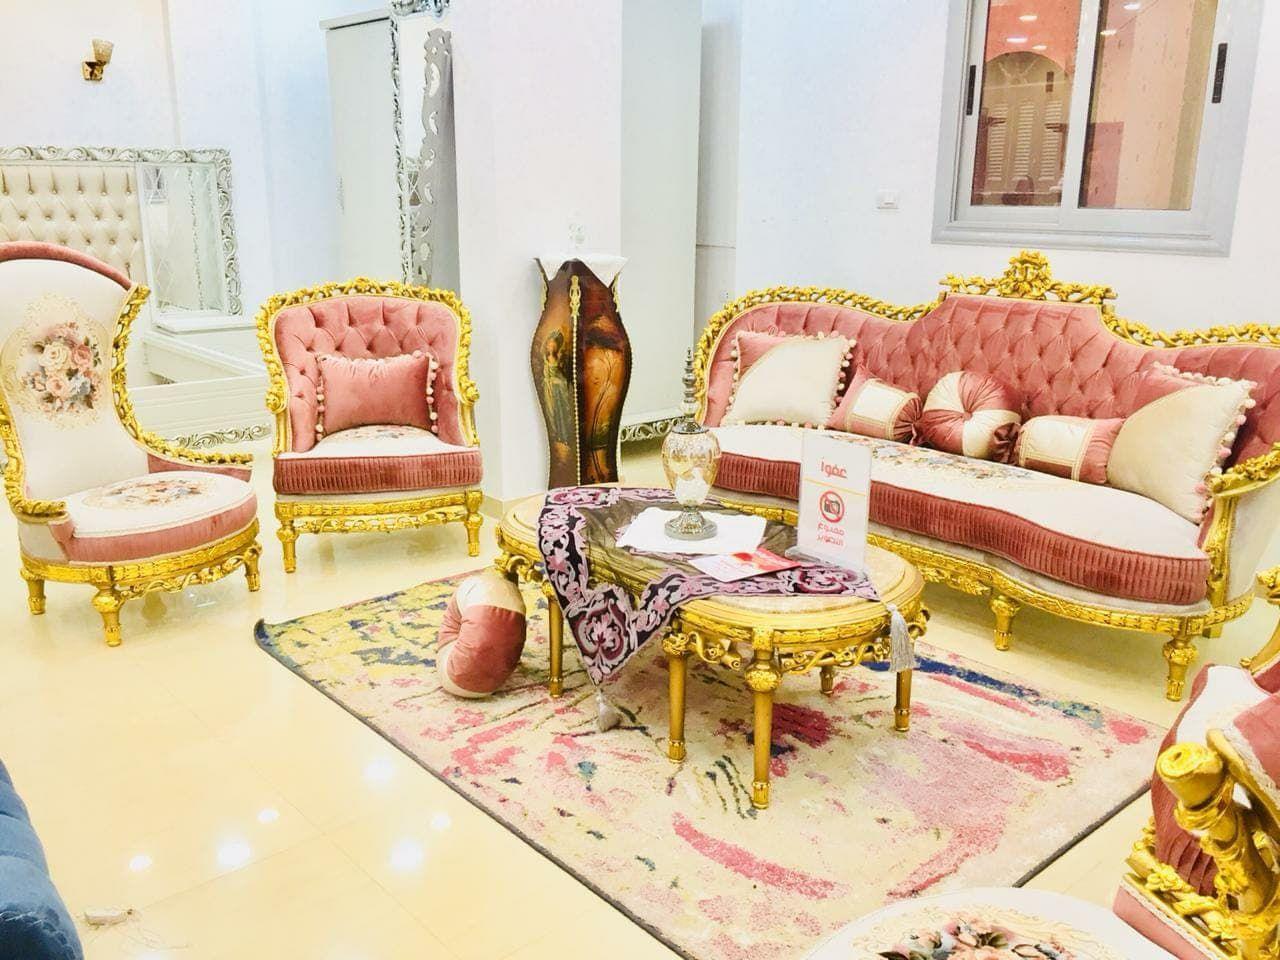 اجمل الاثاث المنزلي في العالم كنوز أرت للأثاث كنوز أرت للأثاث سوهاج Home Decor Furniture Decor